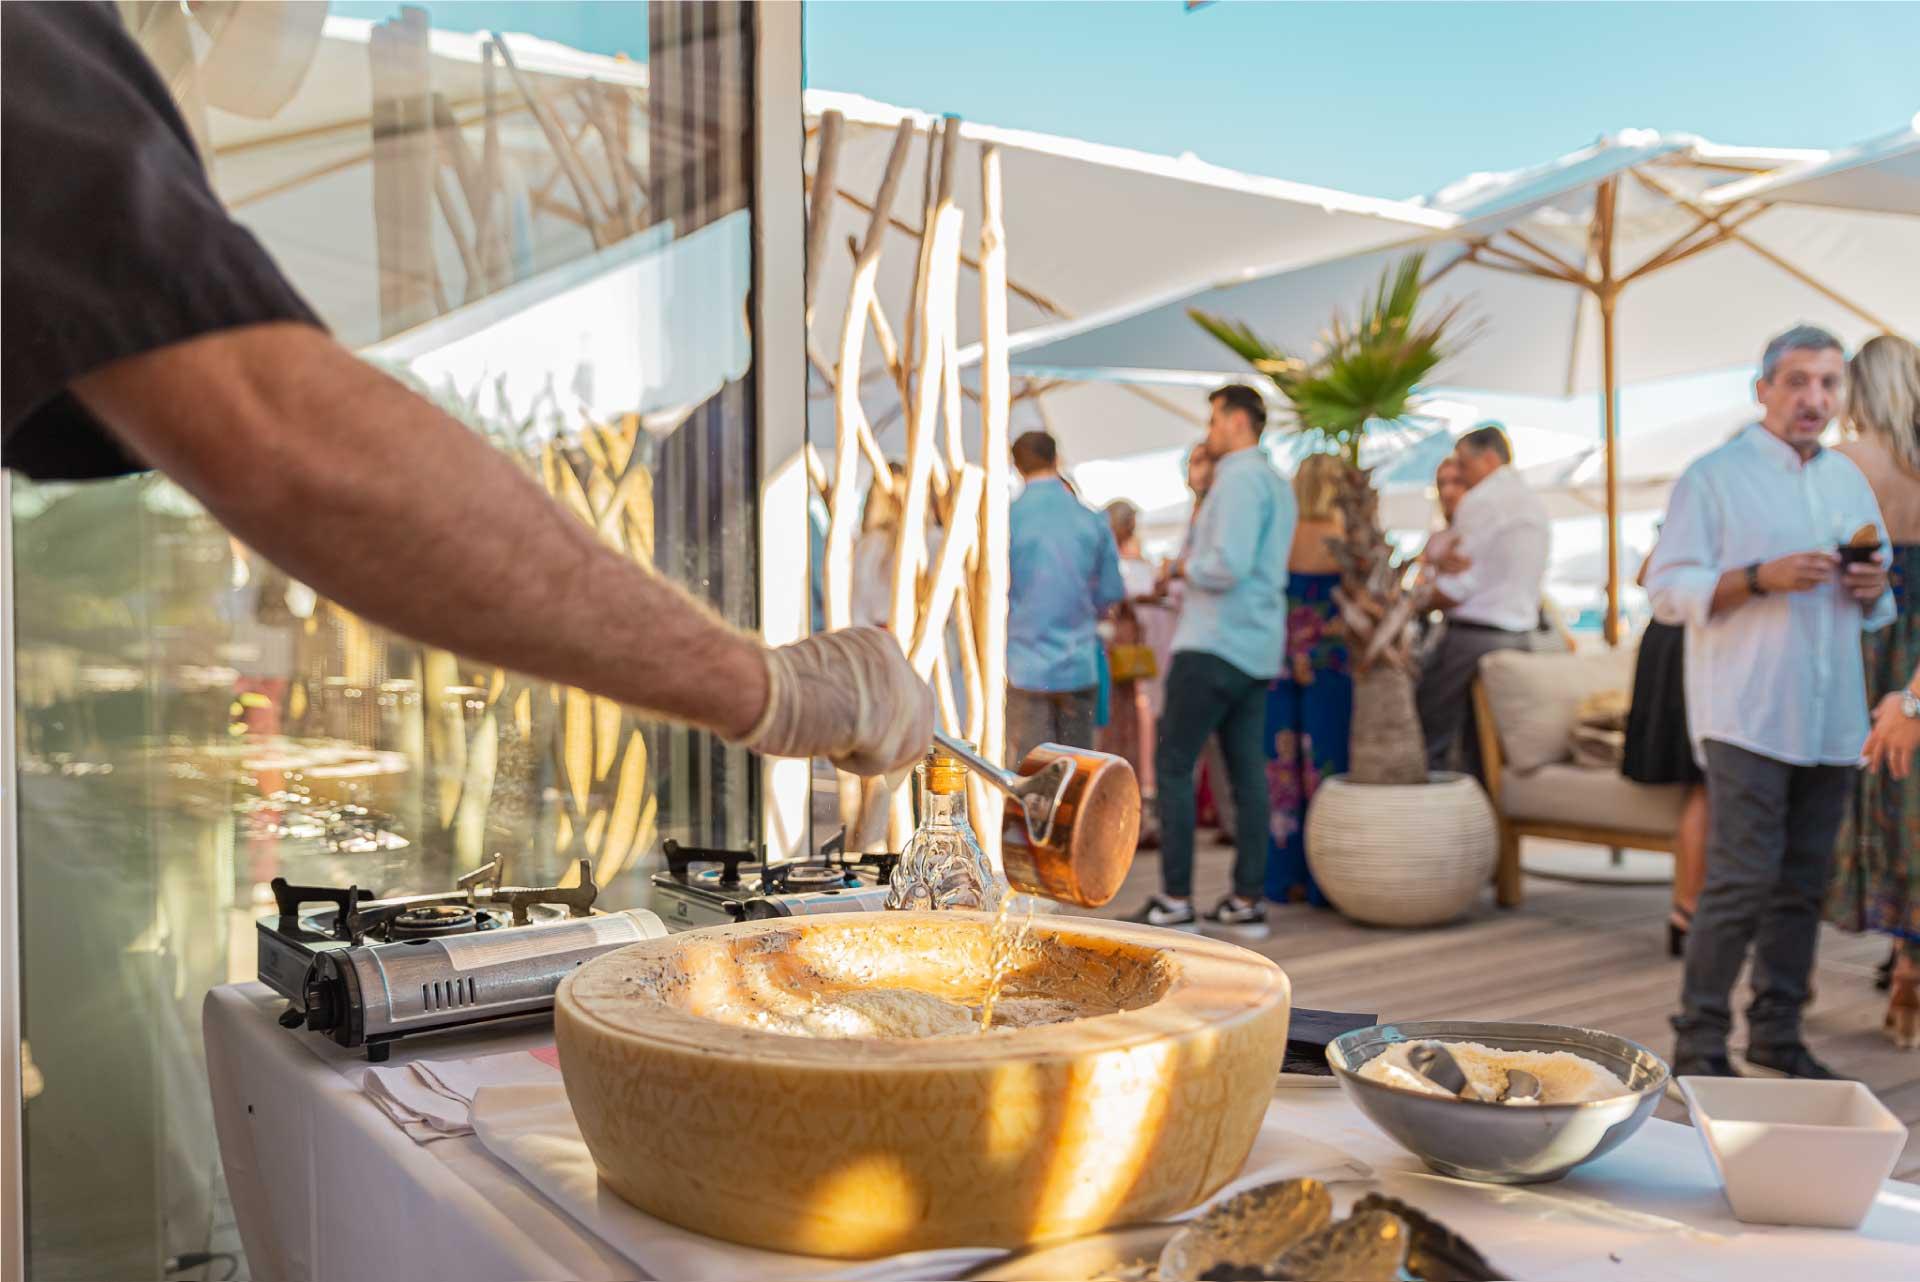 Miramar-plage-restaurant-gastronomique-cannes-entreprise-8